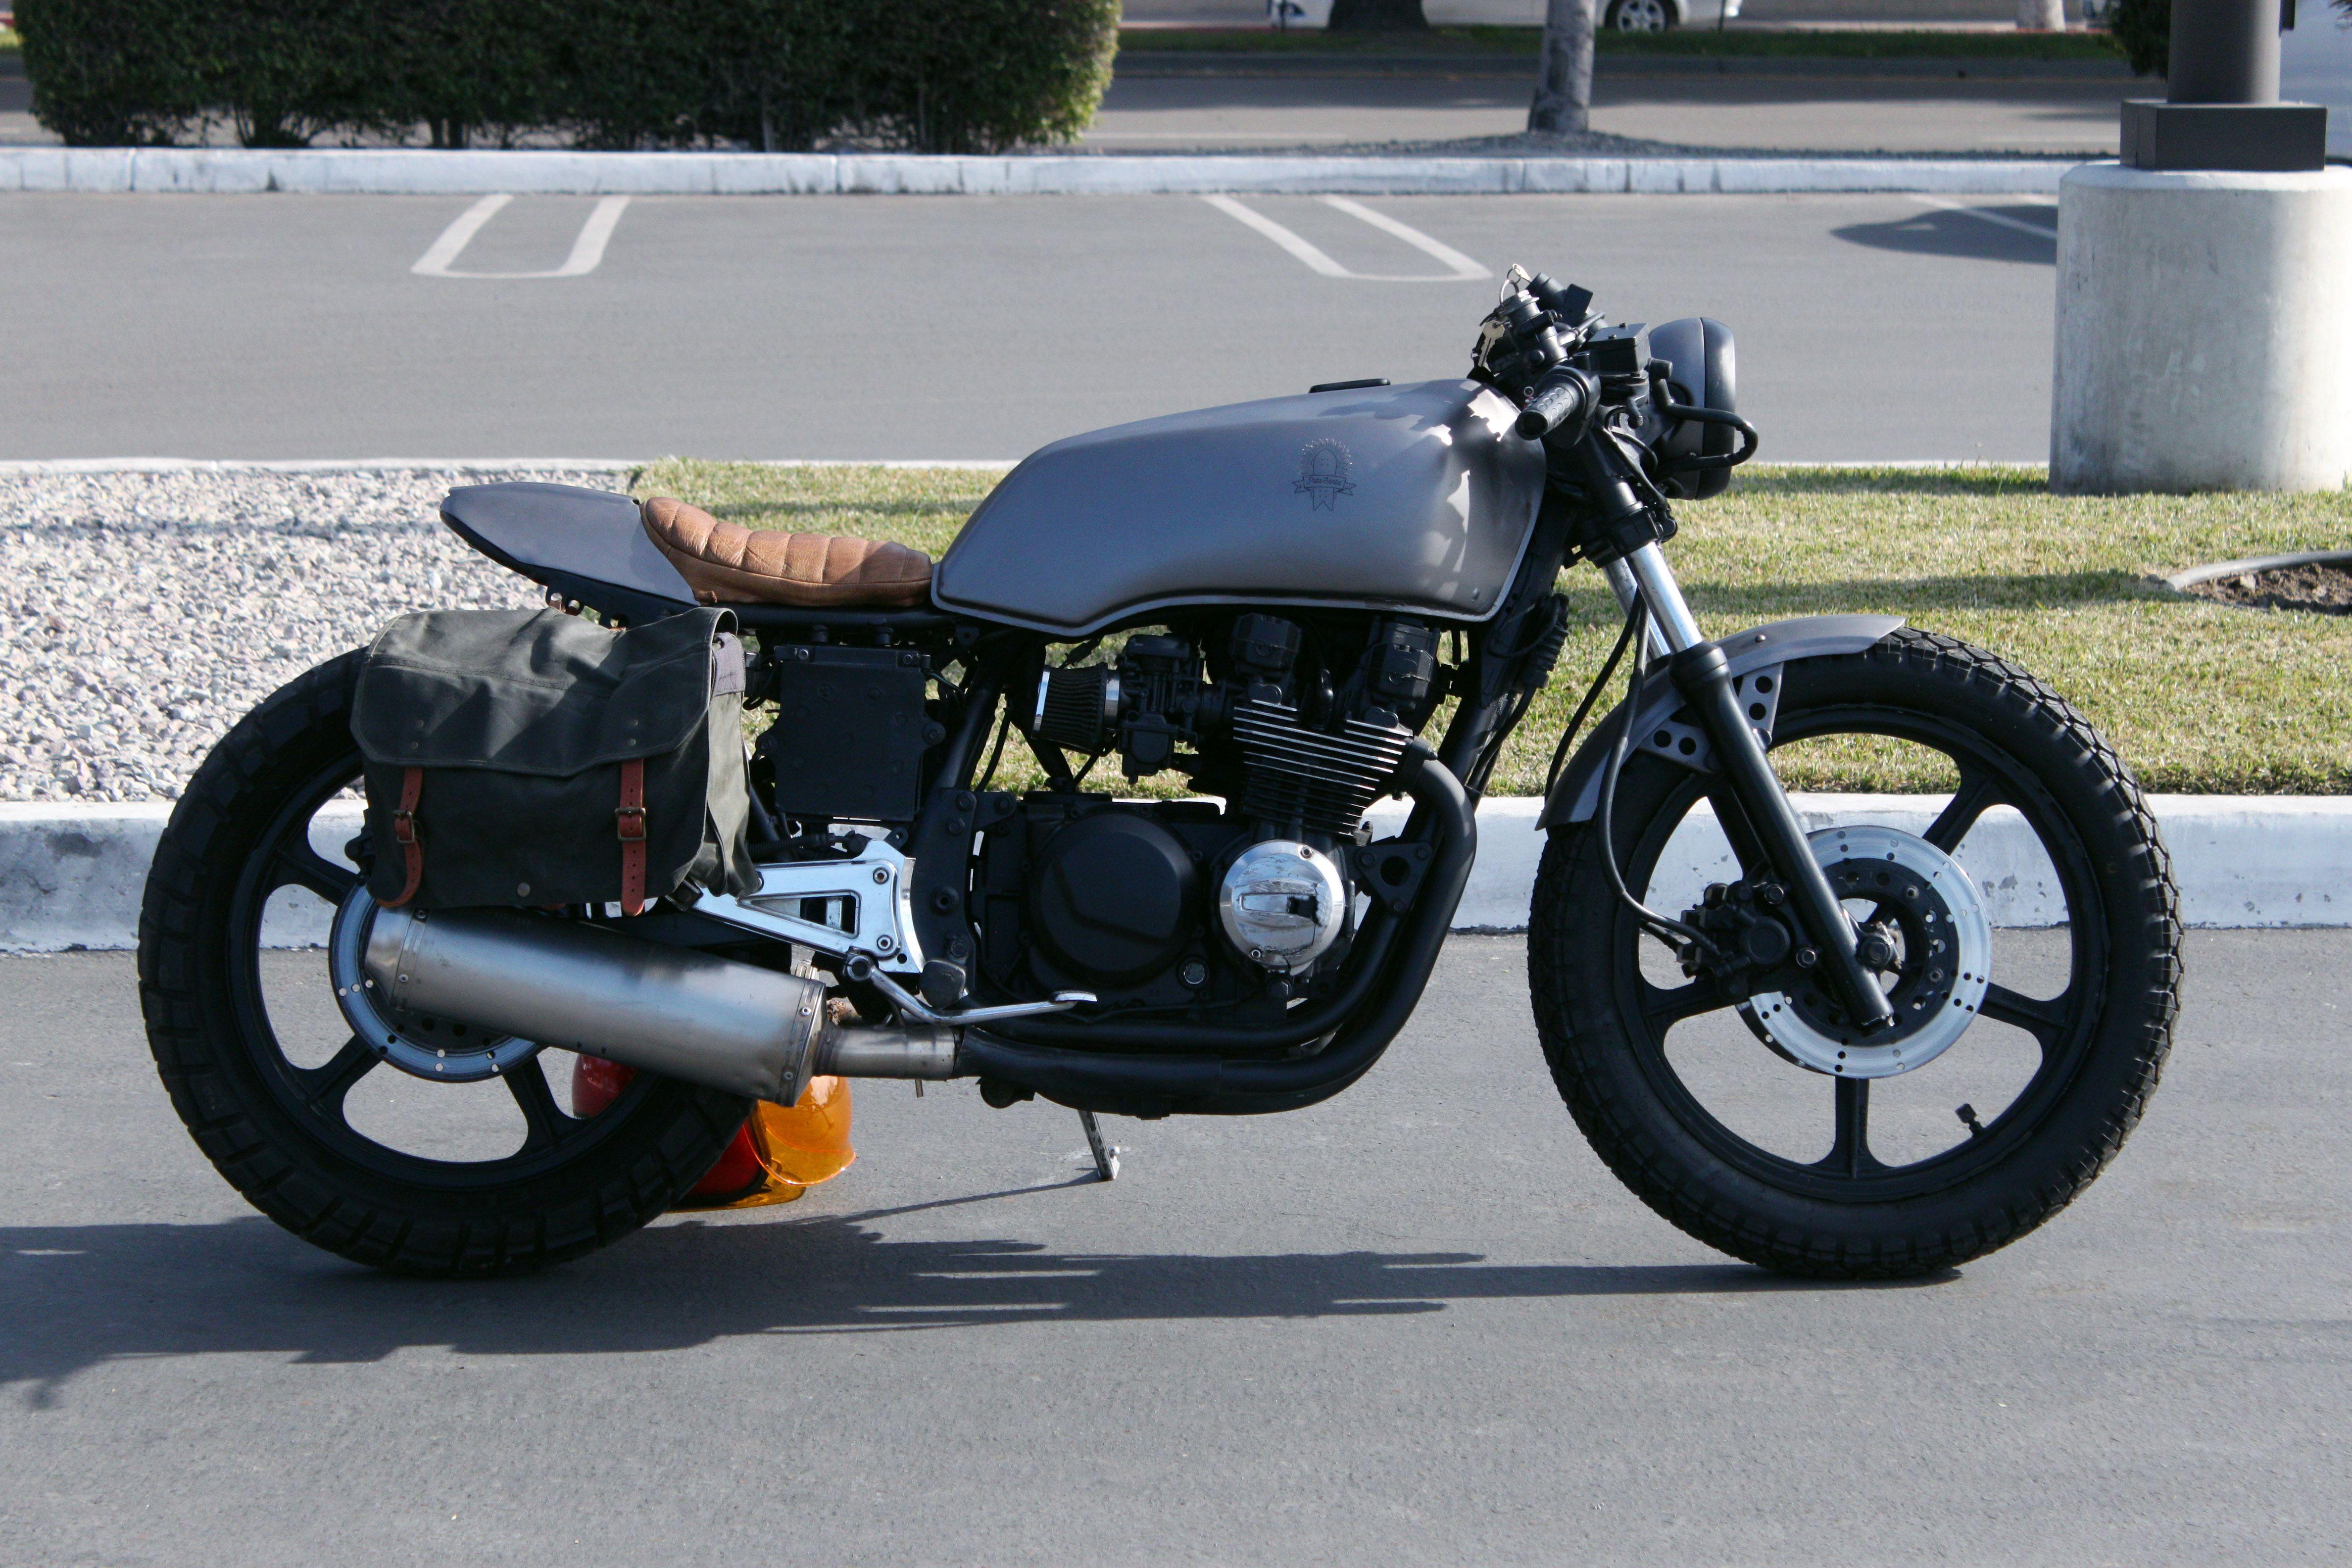 Kawasaki Gpz 550 1982 Cafe Racer Cafe Racers Kawasaki Cafe Racer